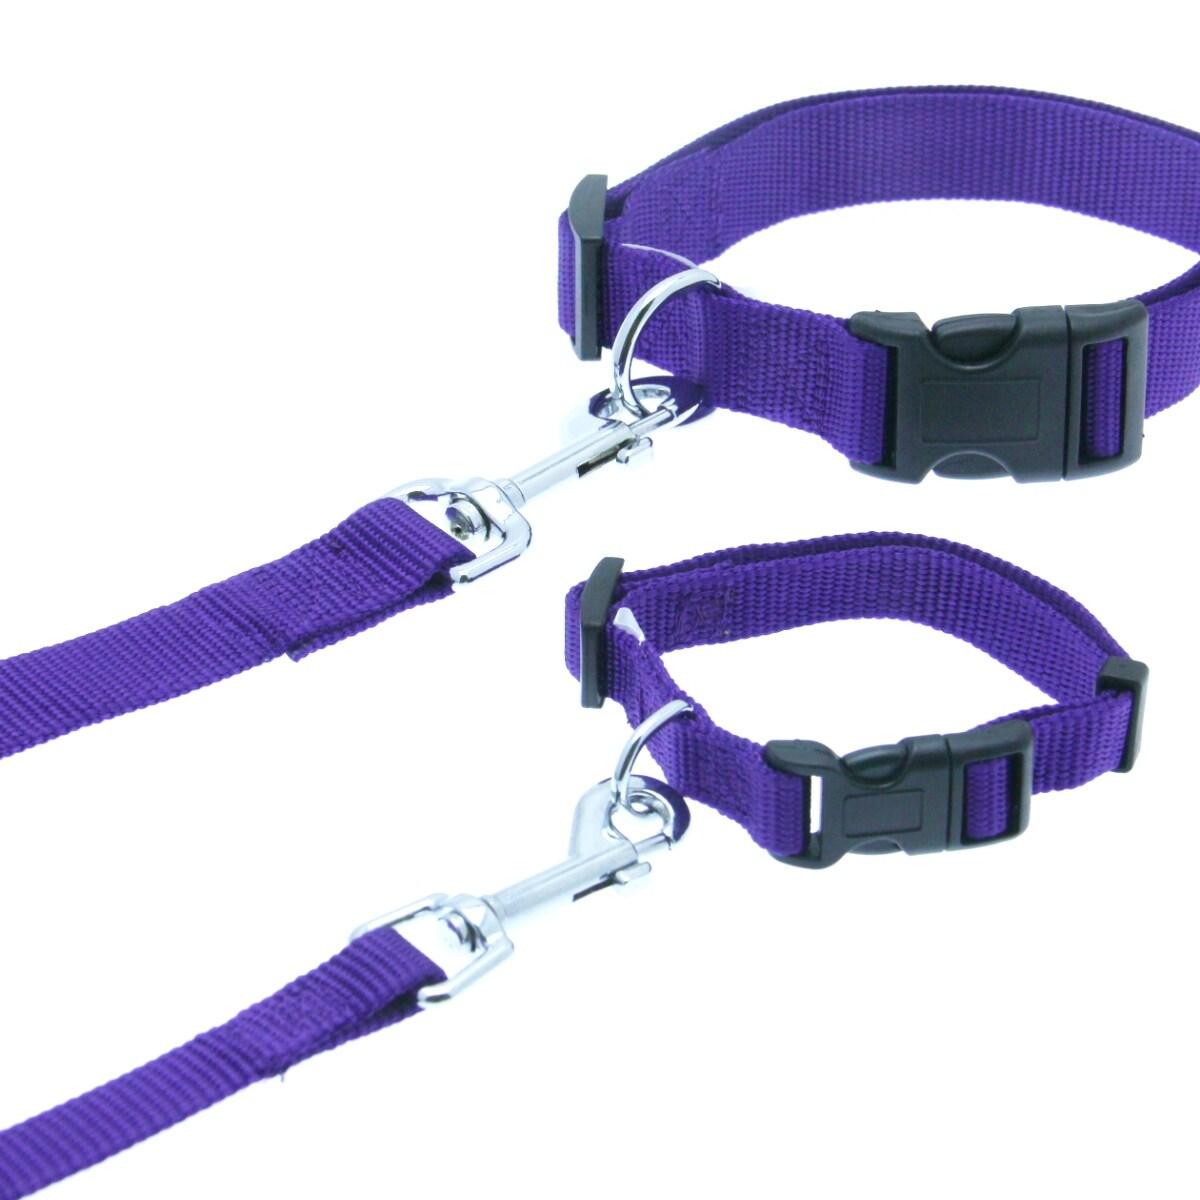 Shop Barking Basics Dog Leash - Purple - 5 8